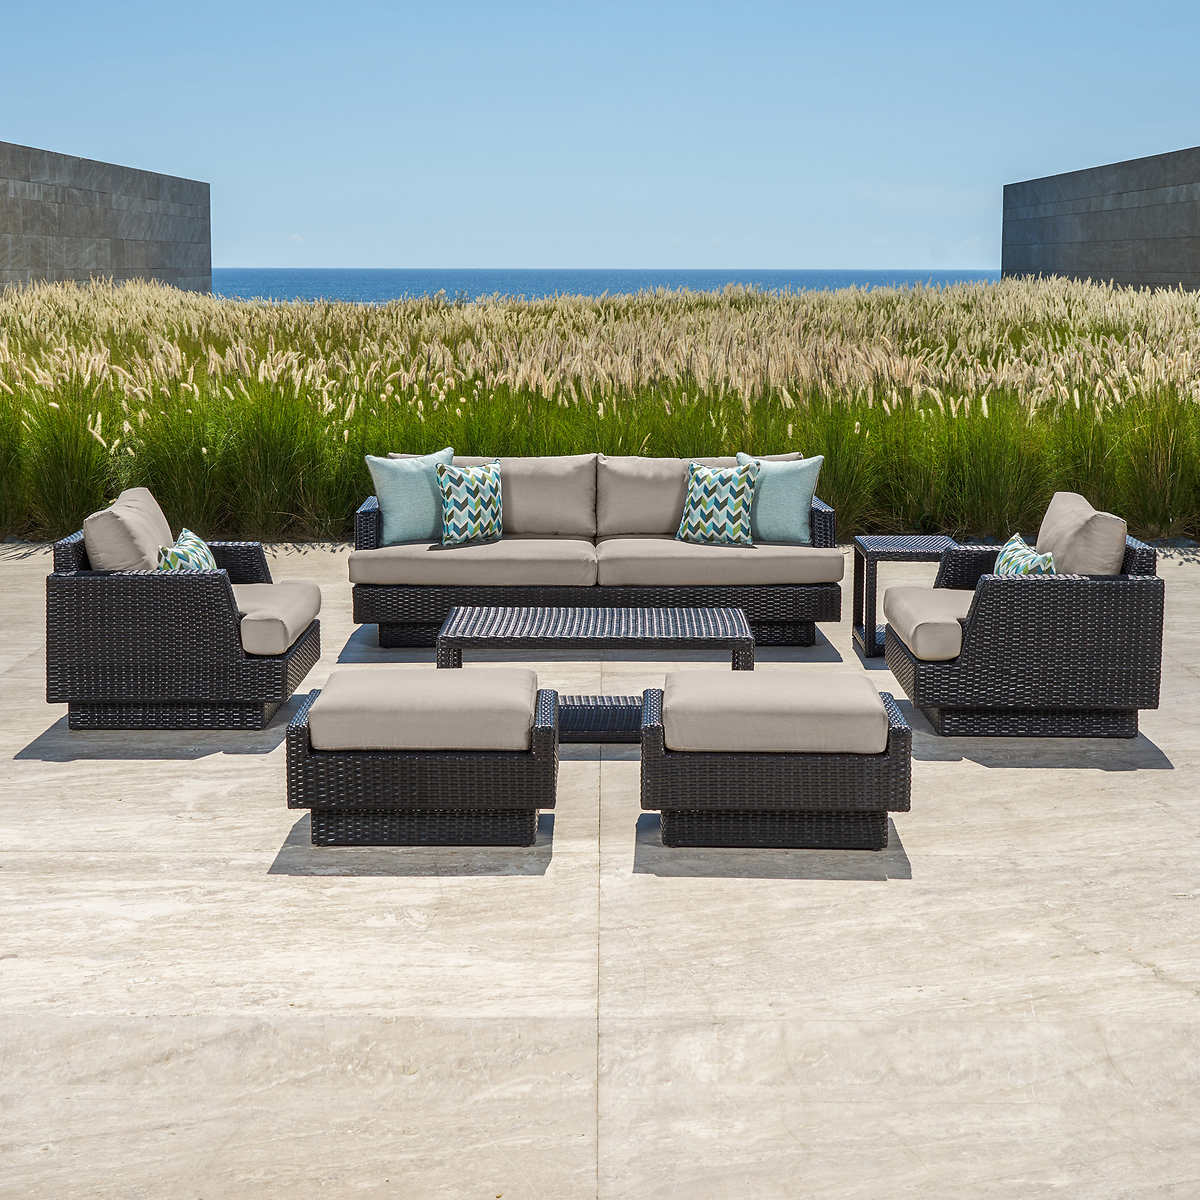 Portofino Comfort 7-piece Seating Set in Espresso Taupe - Portofino Costco